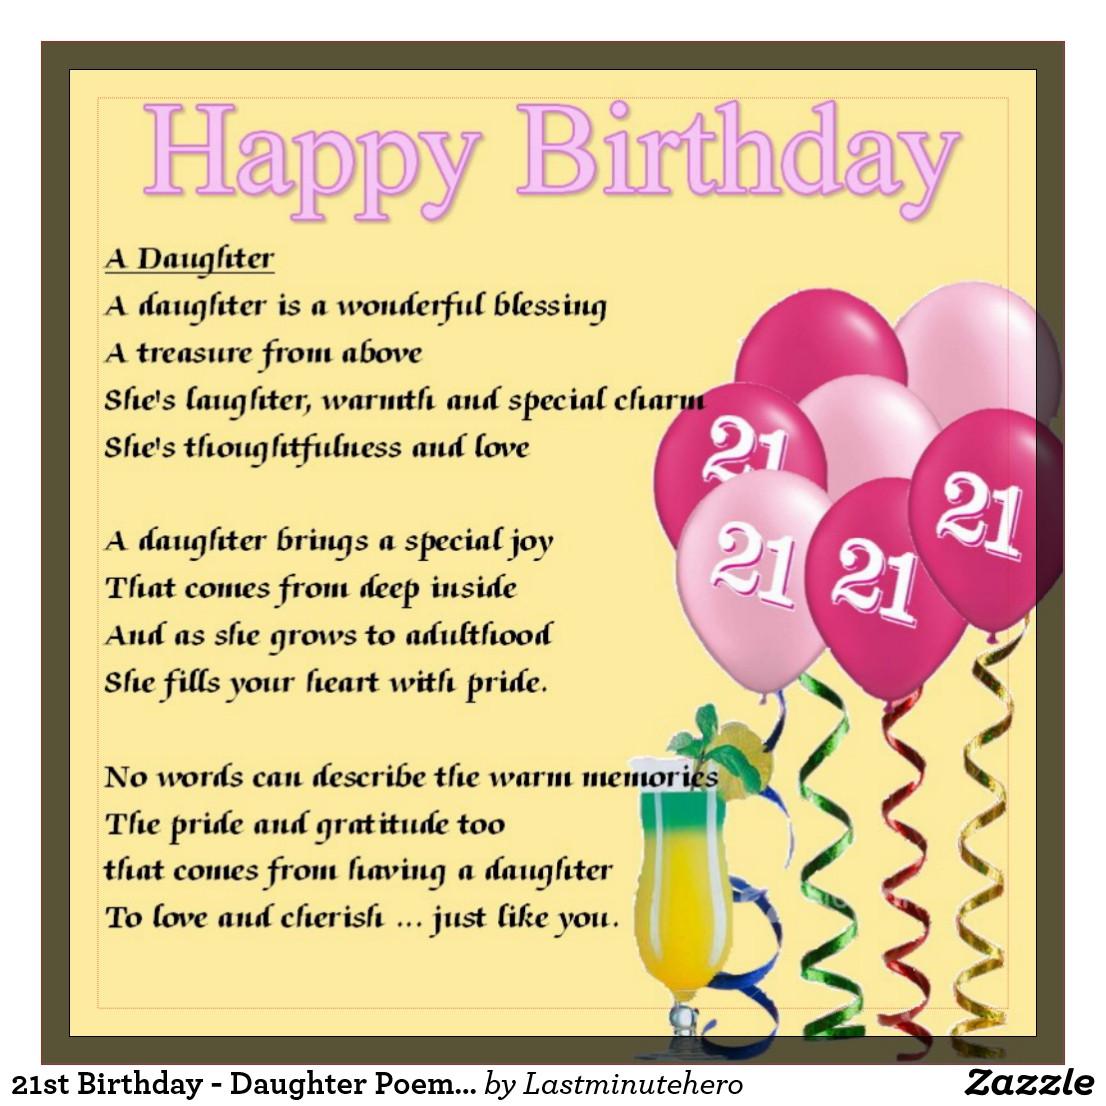 Geburtstagswünsche Tochter  Geburtstag Tochter 40